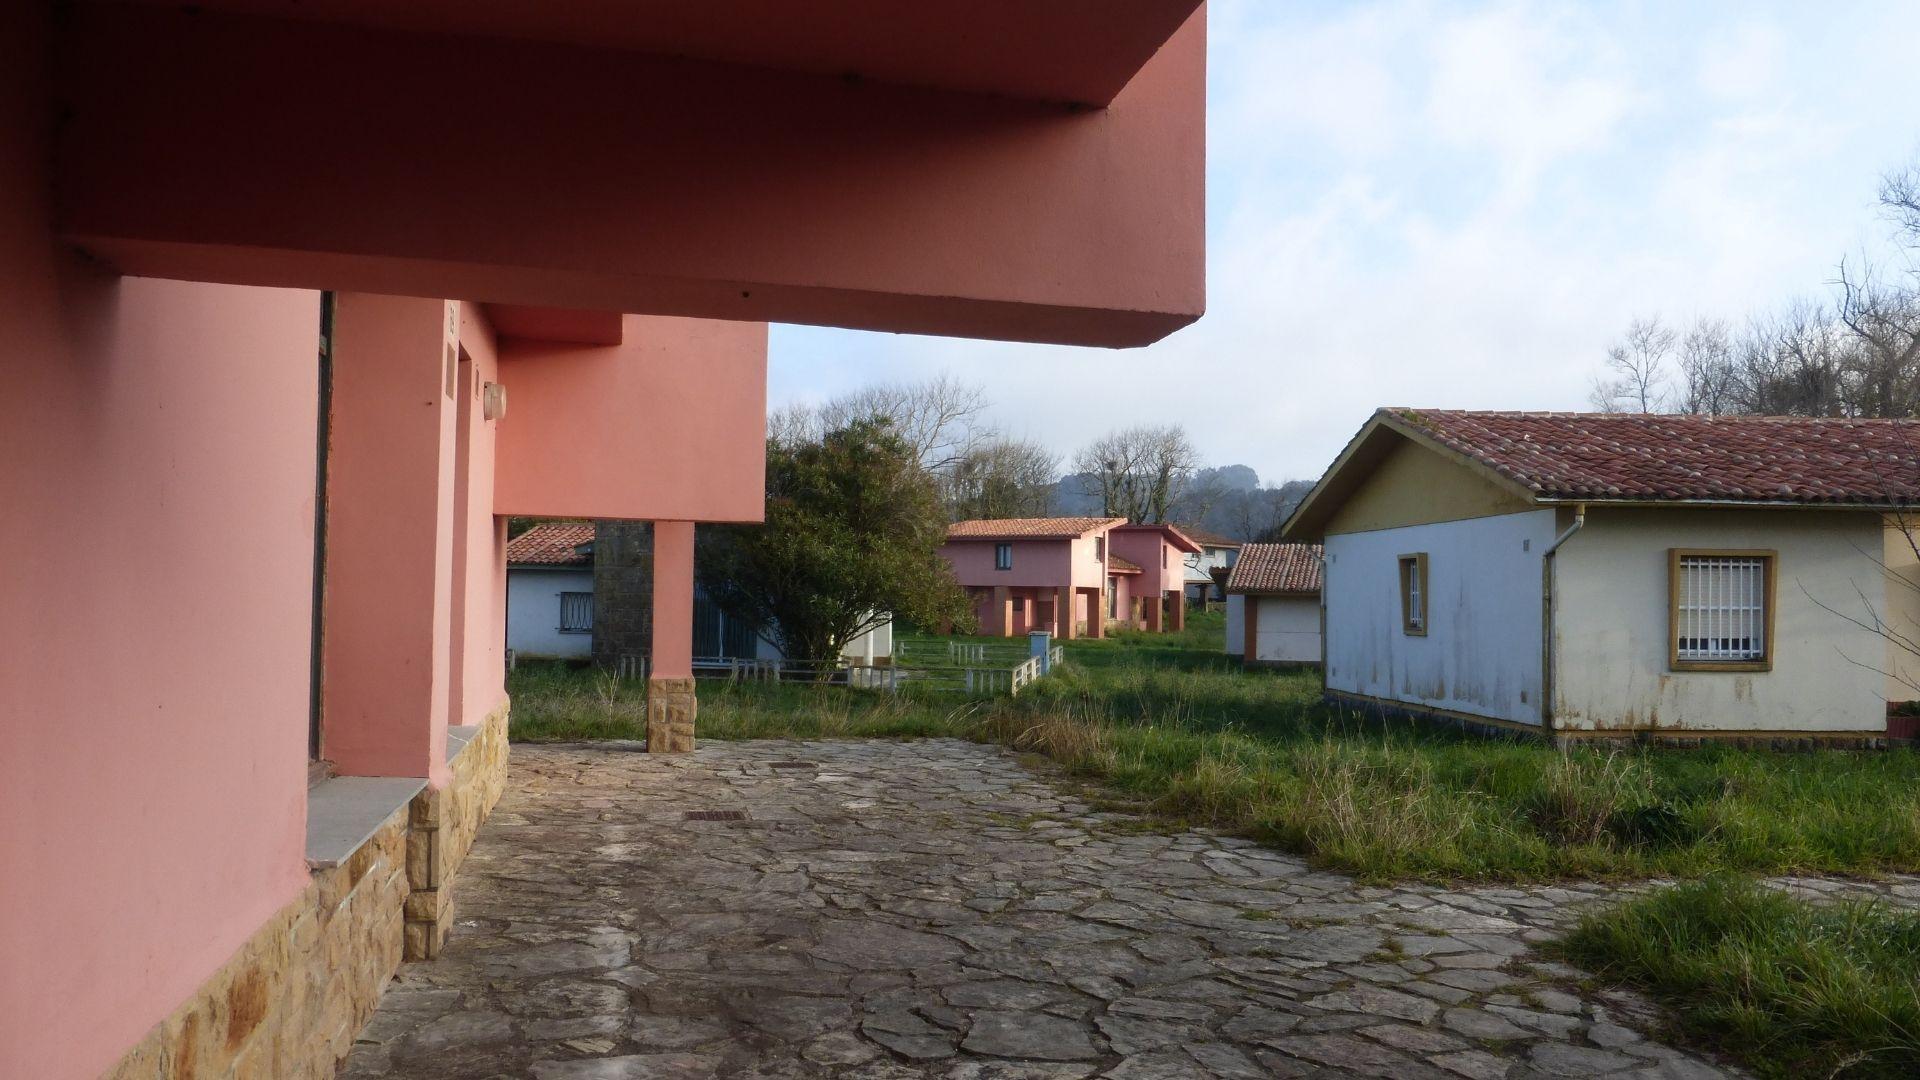 sol, calor, Gijón, playa, Asturias.Viviendas de la antigua ciudad vacacional de Perlora